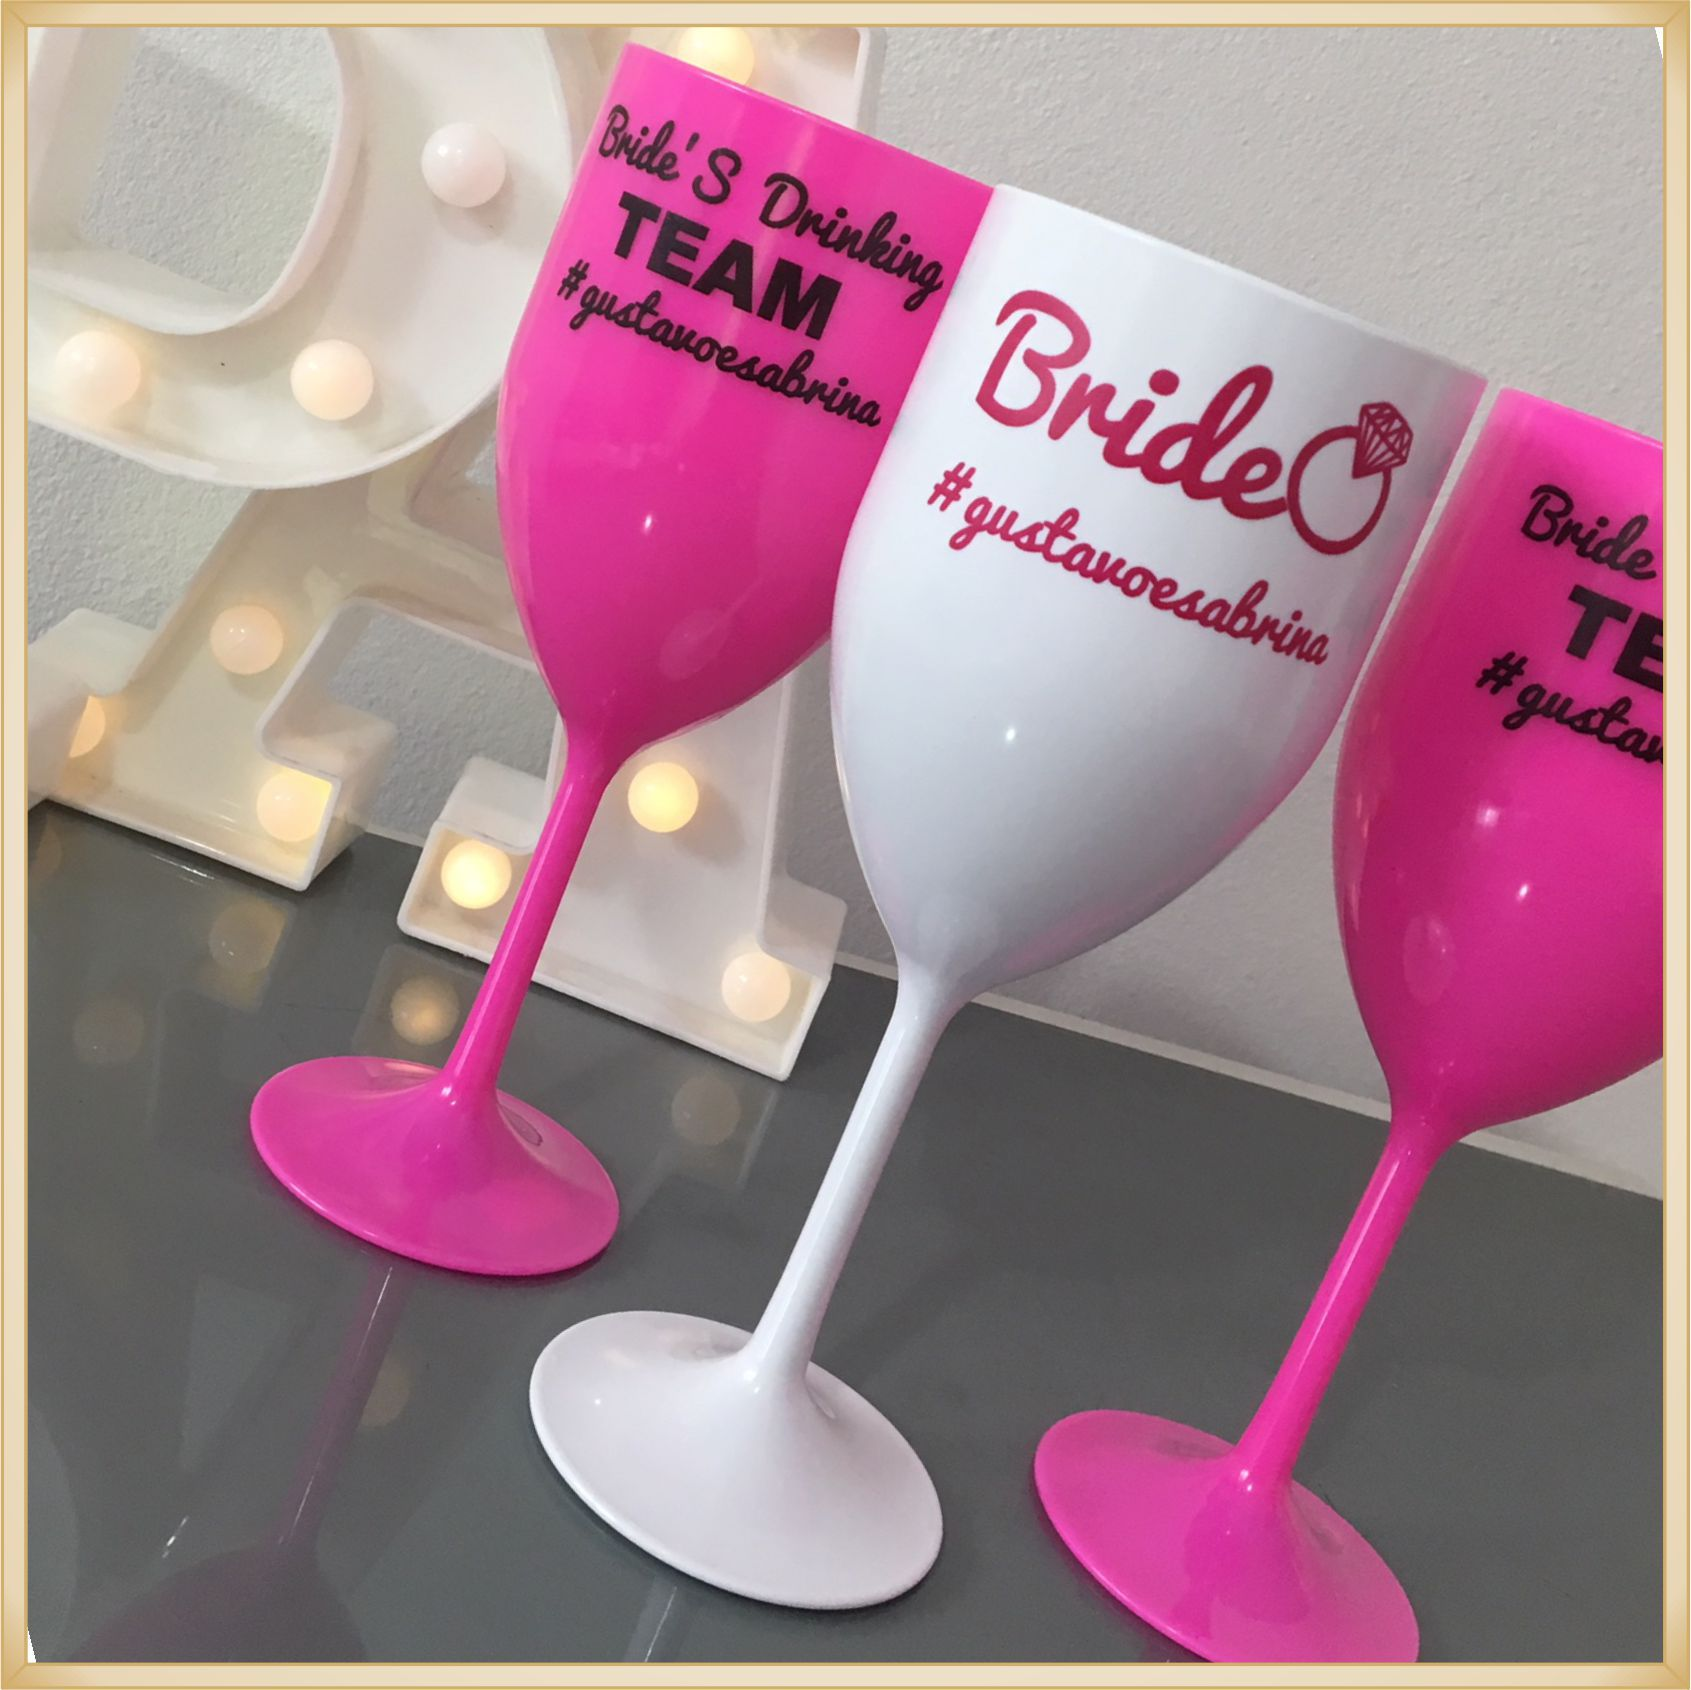 Taças de vinho acrílico Personalizadas - estampas de qualidade, brilhante e durável, acabamento perfeito, parede de 2,0 mm, 350 ml. kit 20 unidades